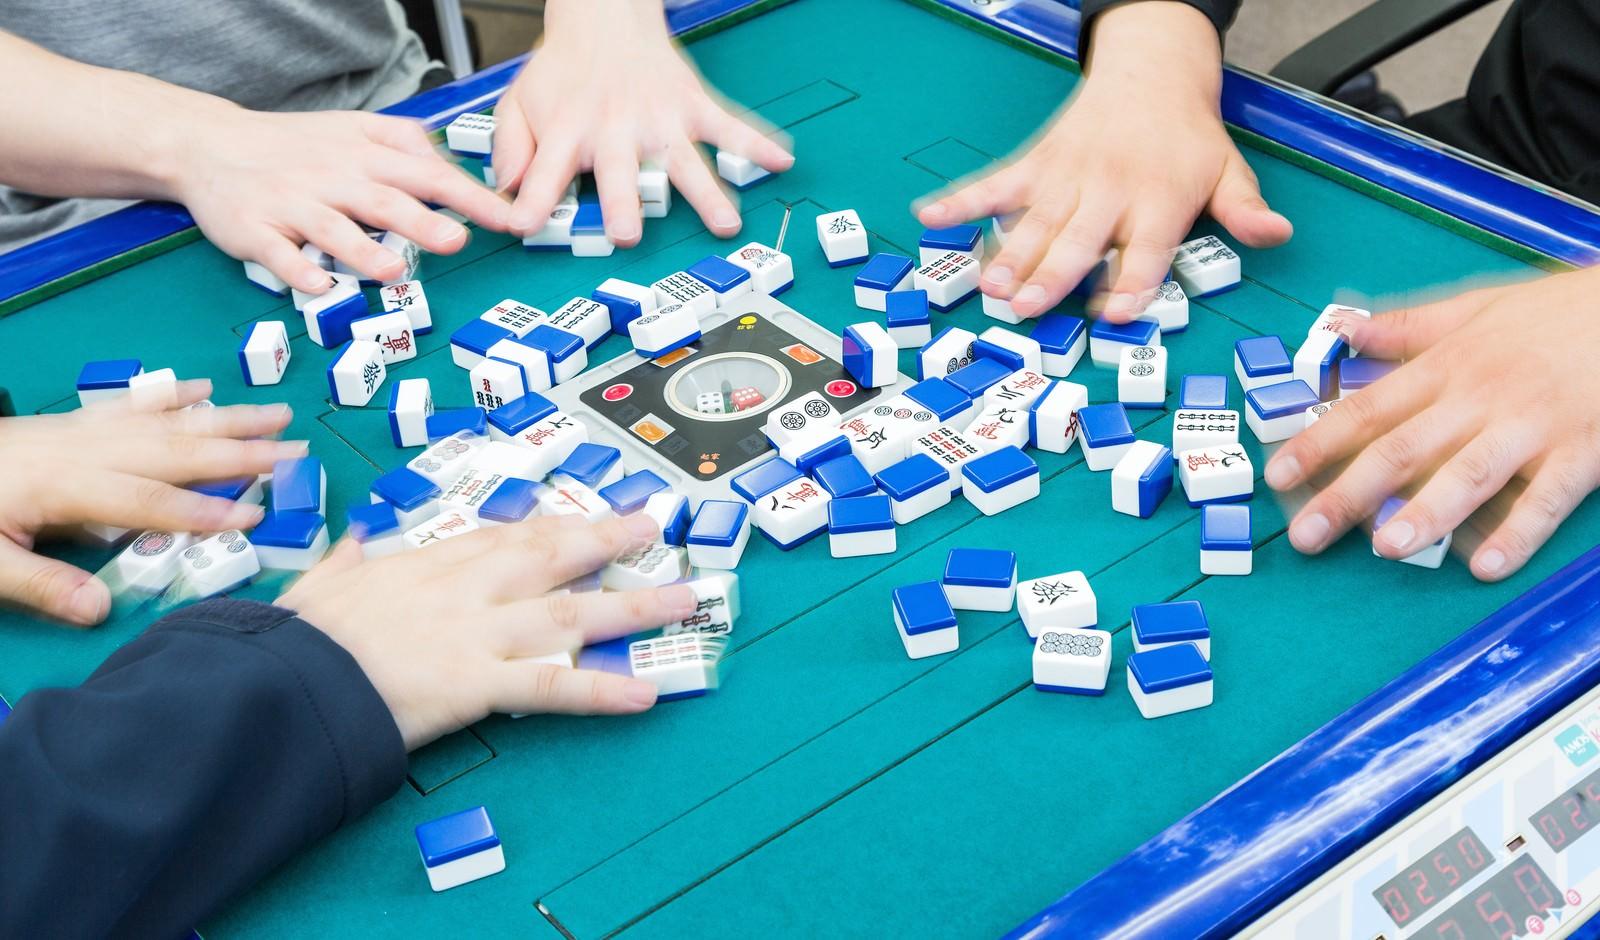 「全自動卓で無意味の洗牌(シーパイ)」の写真